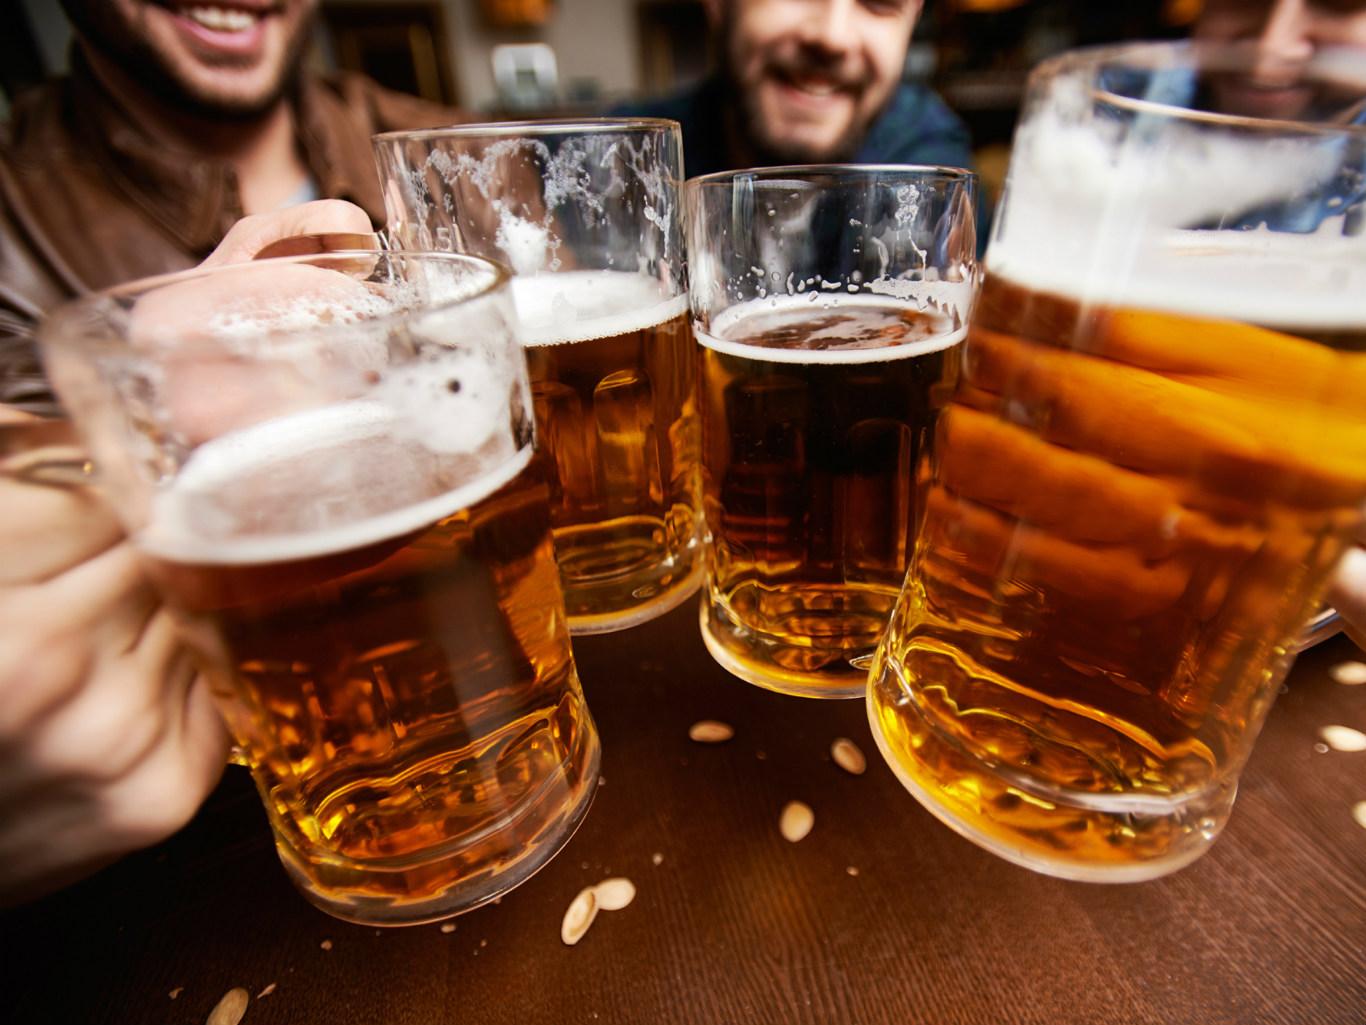 Камни в почках можно употреблять пиво